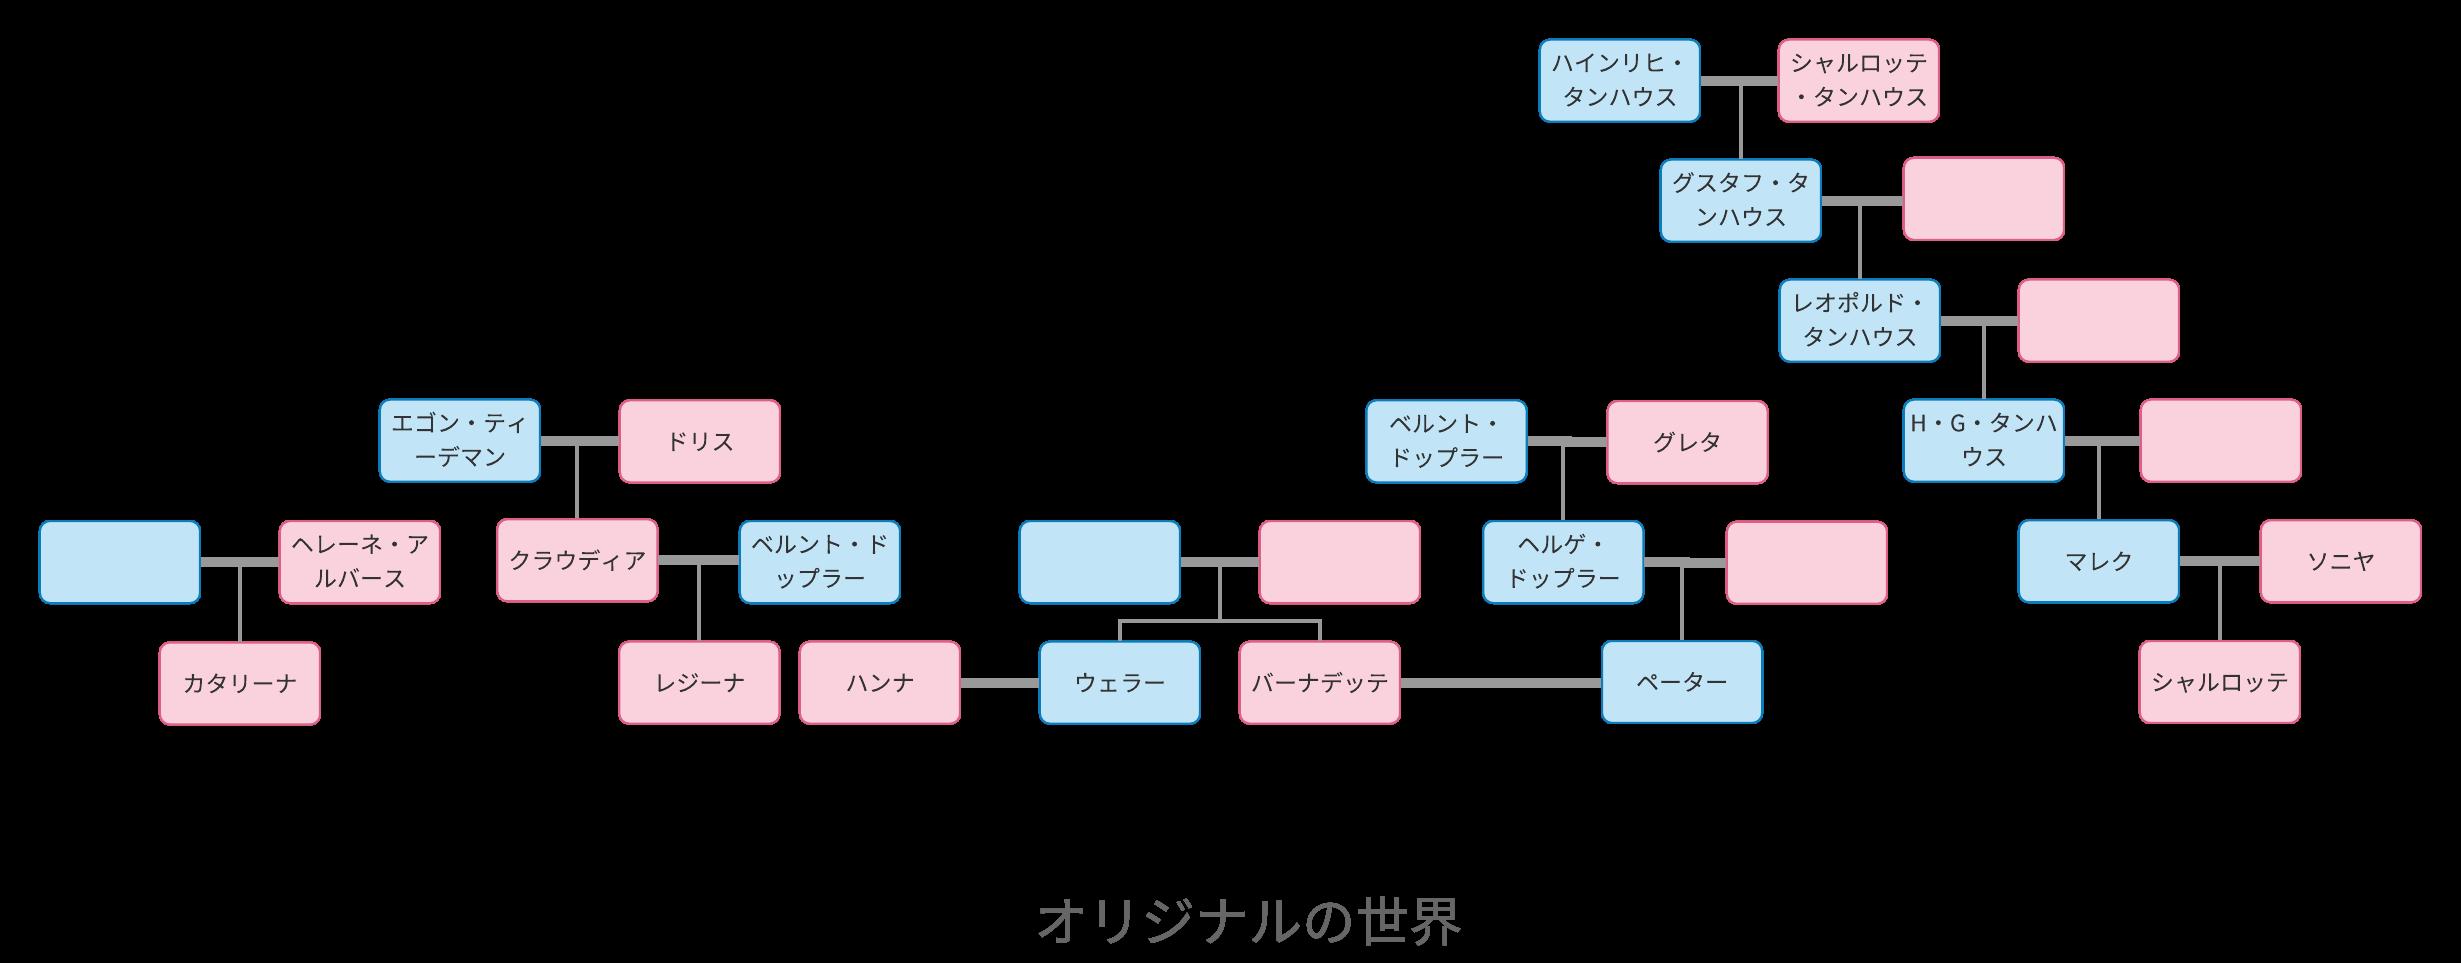 ダーク(オリジナル世界)